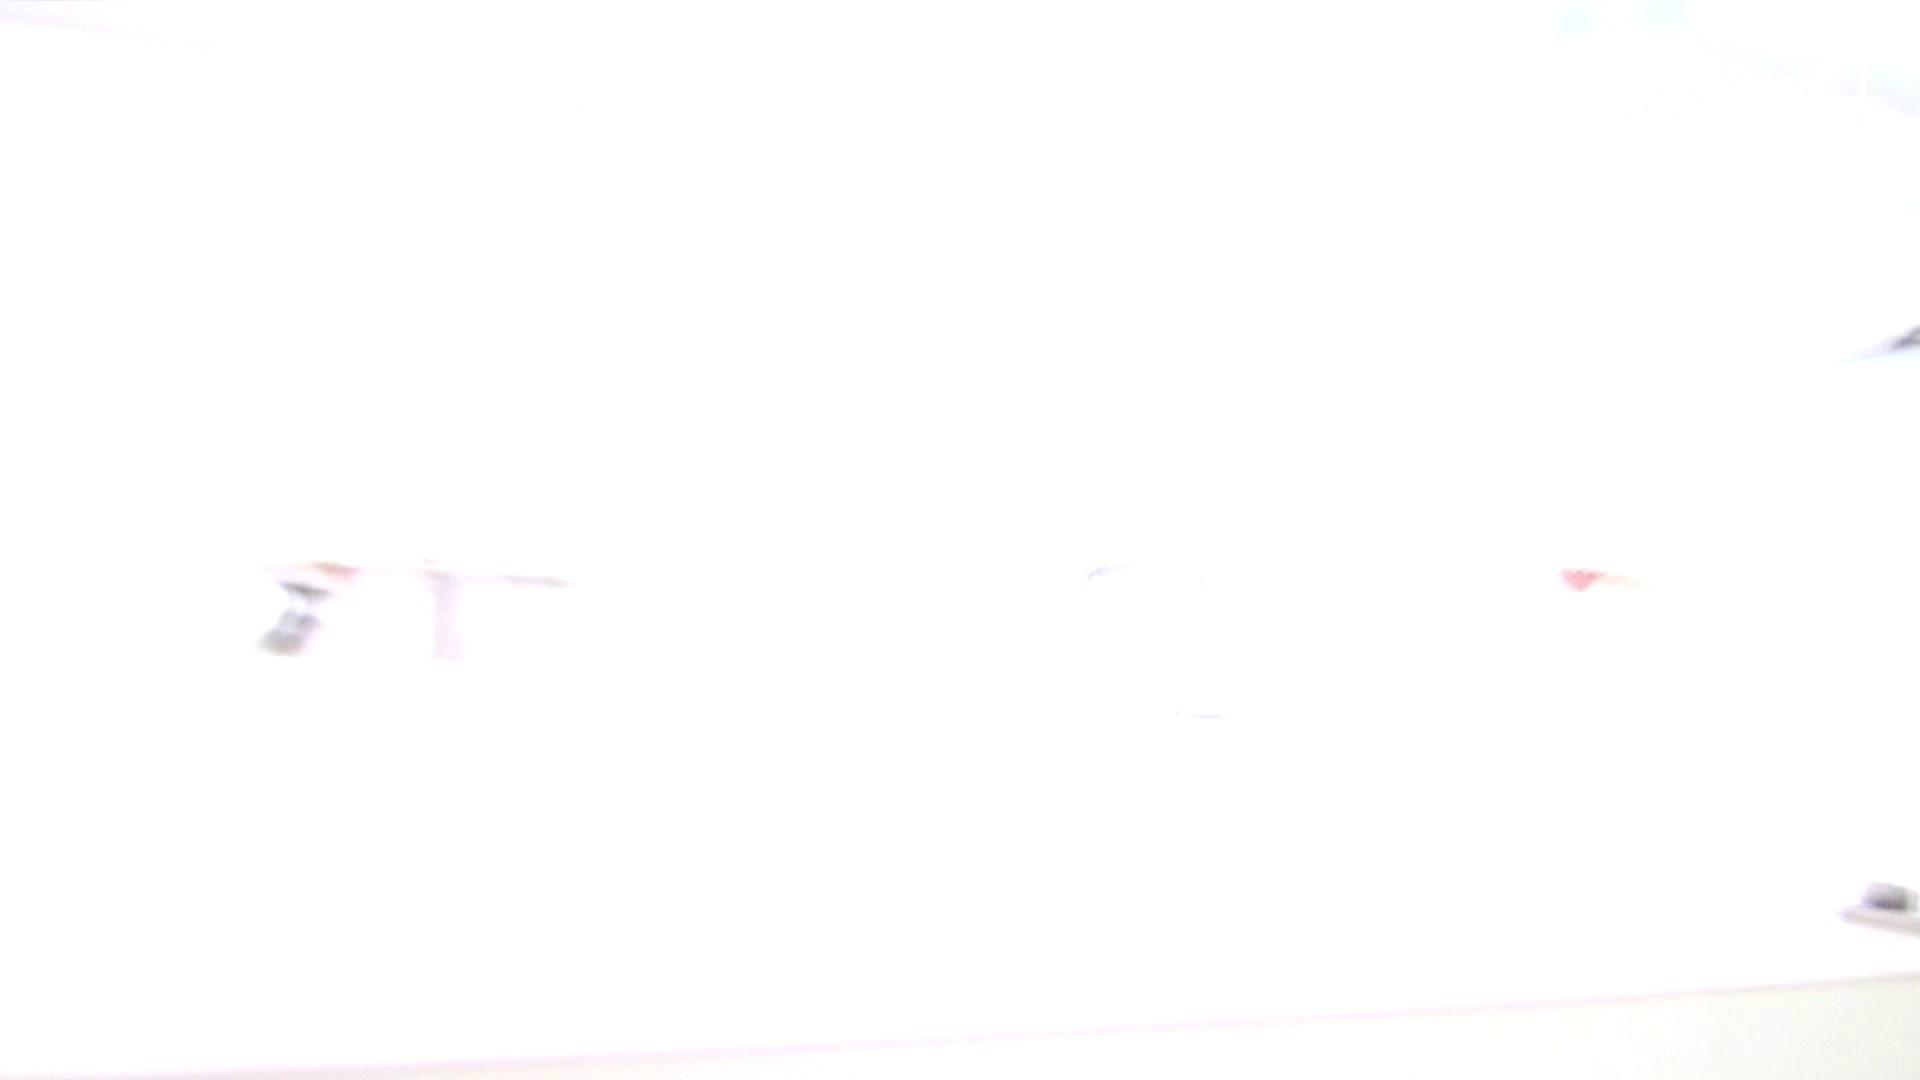 ▲復活限定▲ハイビジョン 盗神伝 Vol.14 お姉さん攻略 戯れ無修正画像 104画像 69